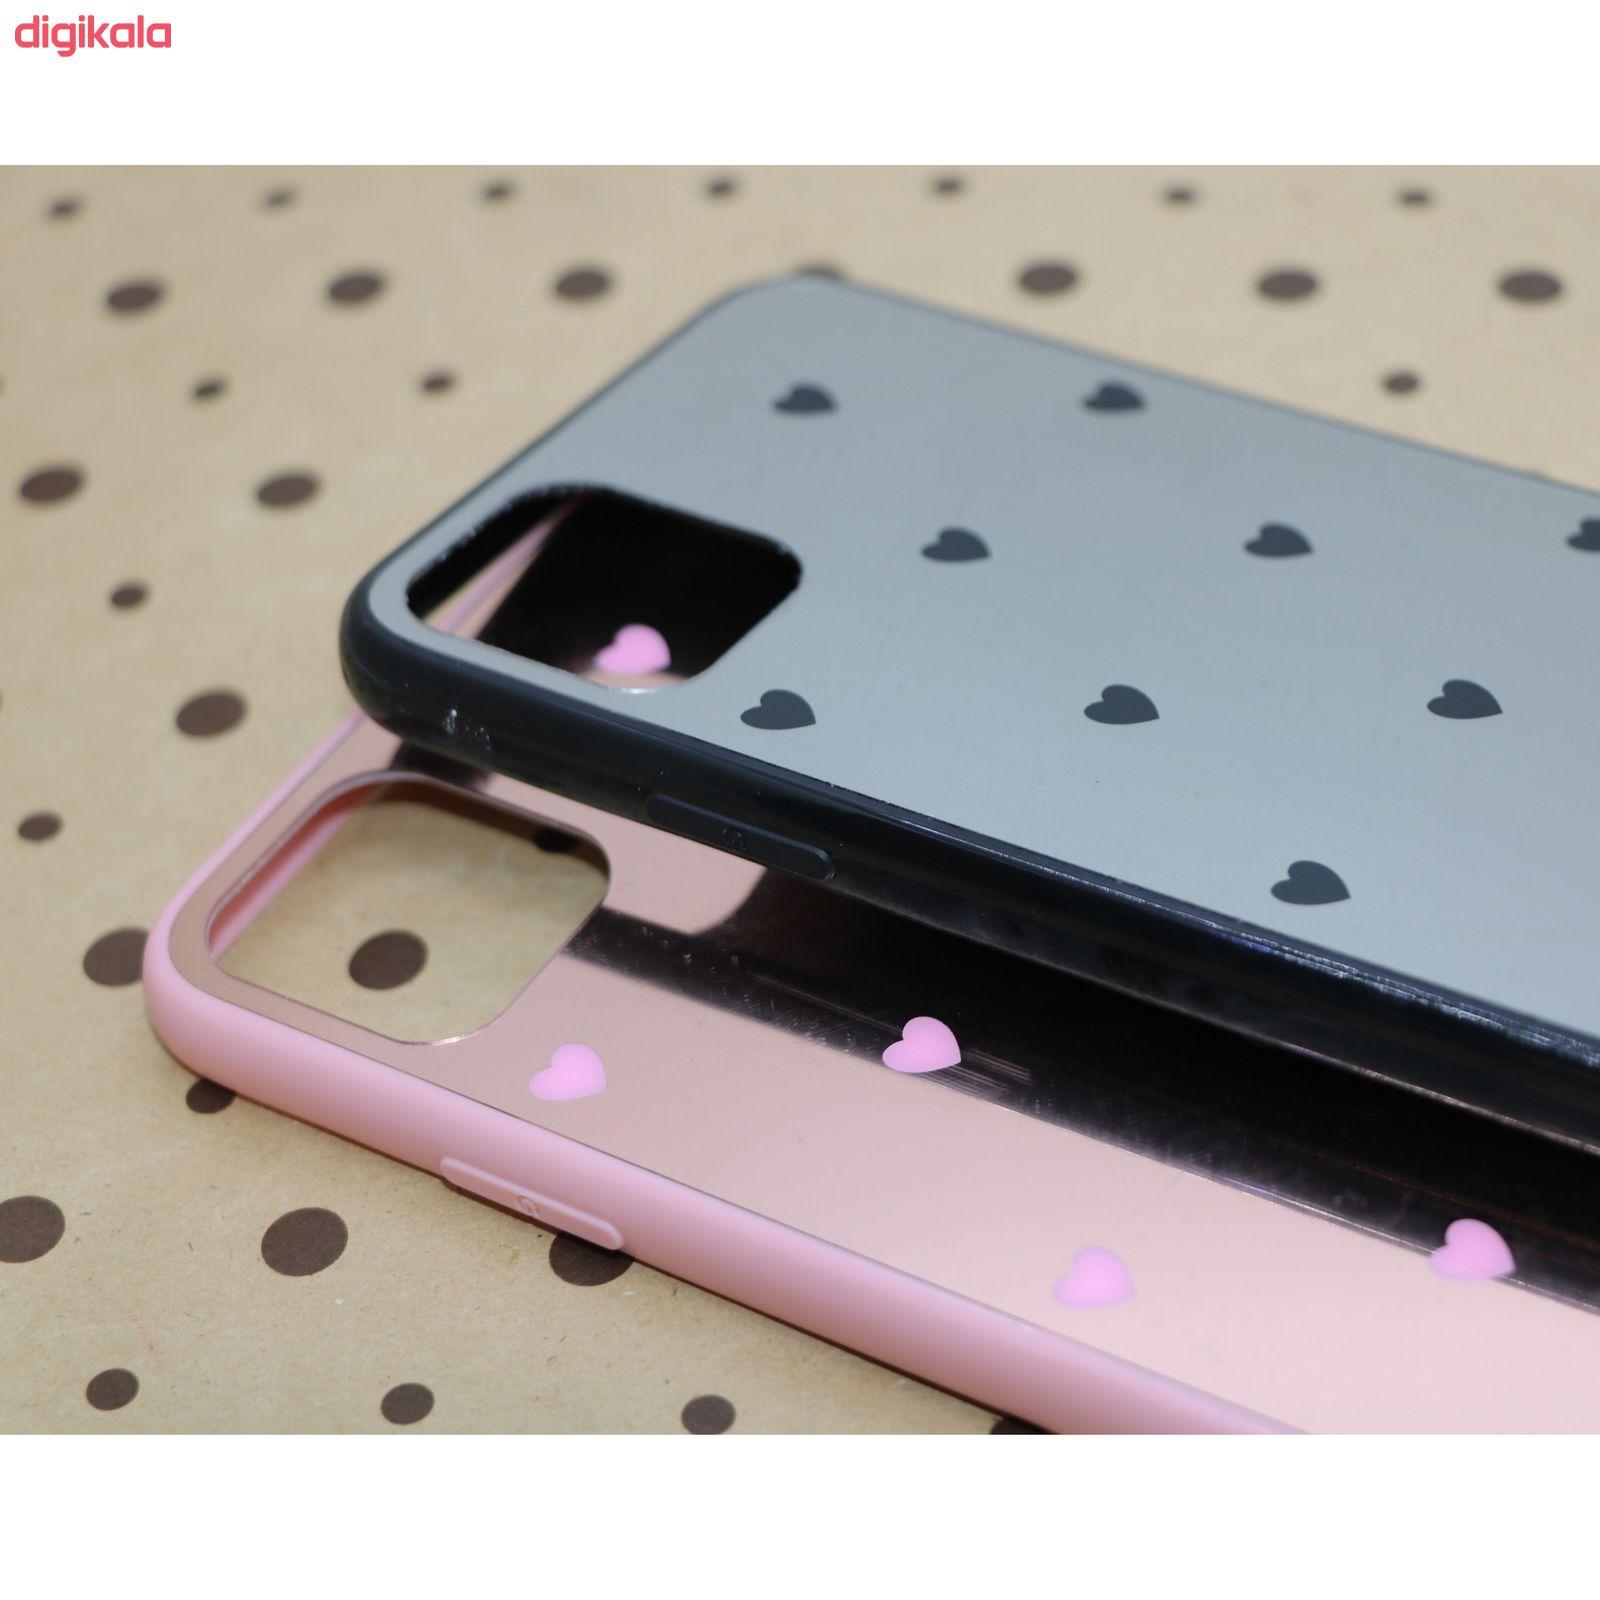 کاور طرح Heart مدل BH-01 مناسب برای گوشی موبایل اپل Iphone 11 به همراه نگهدارنده main 1 2